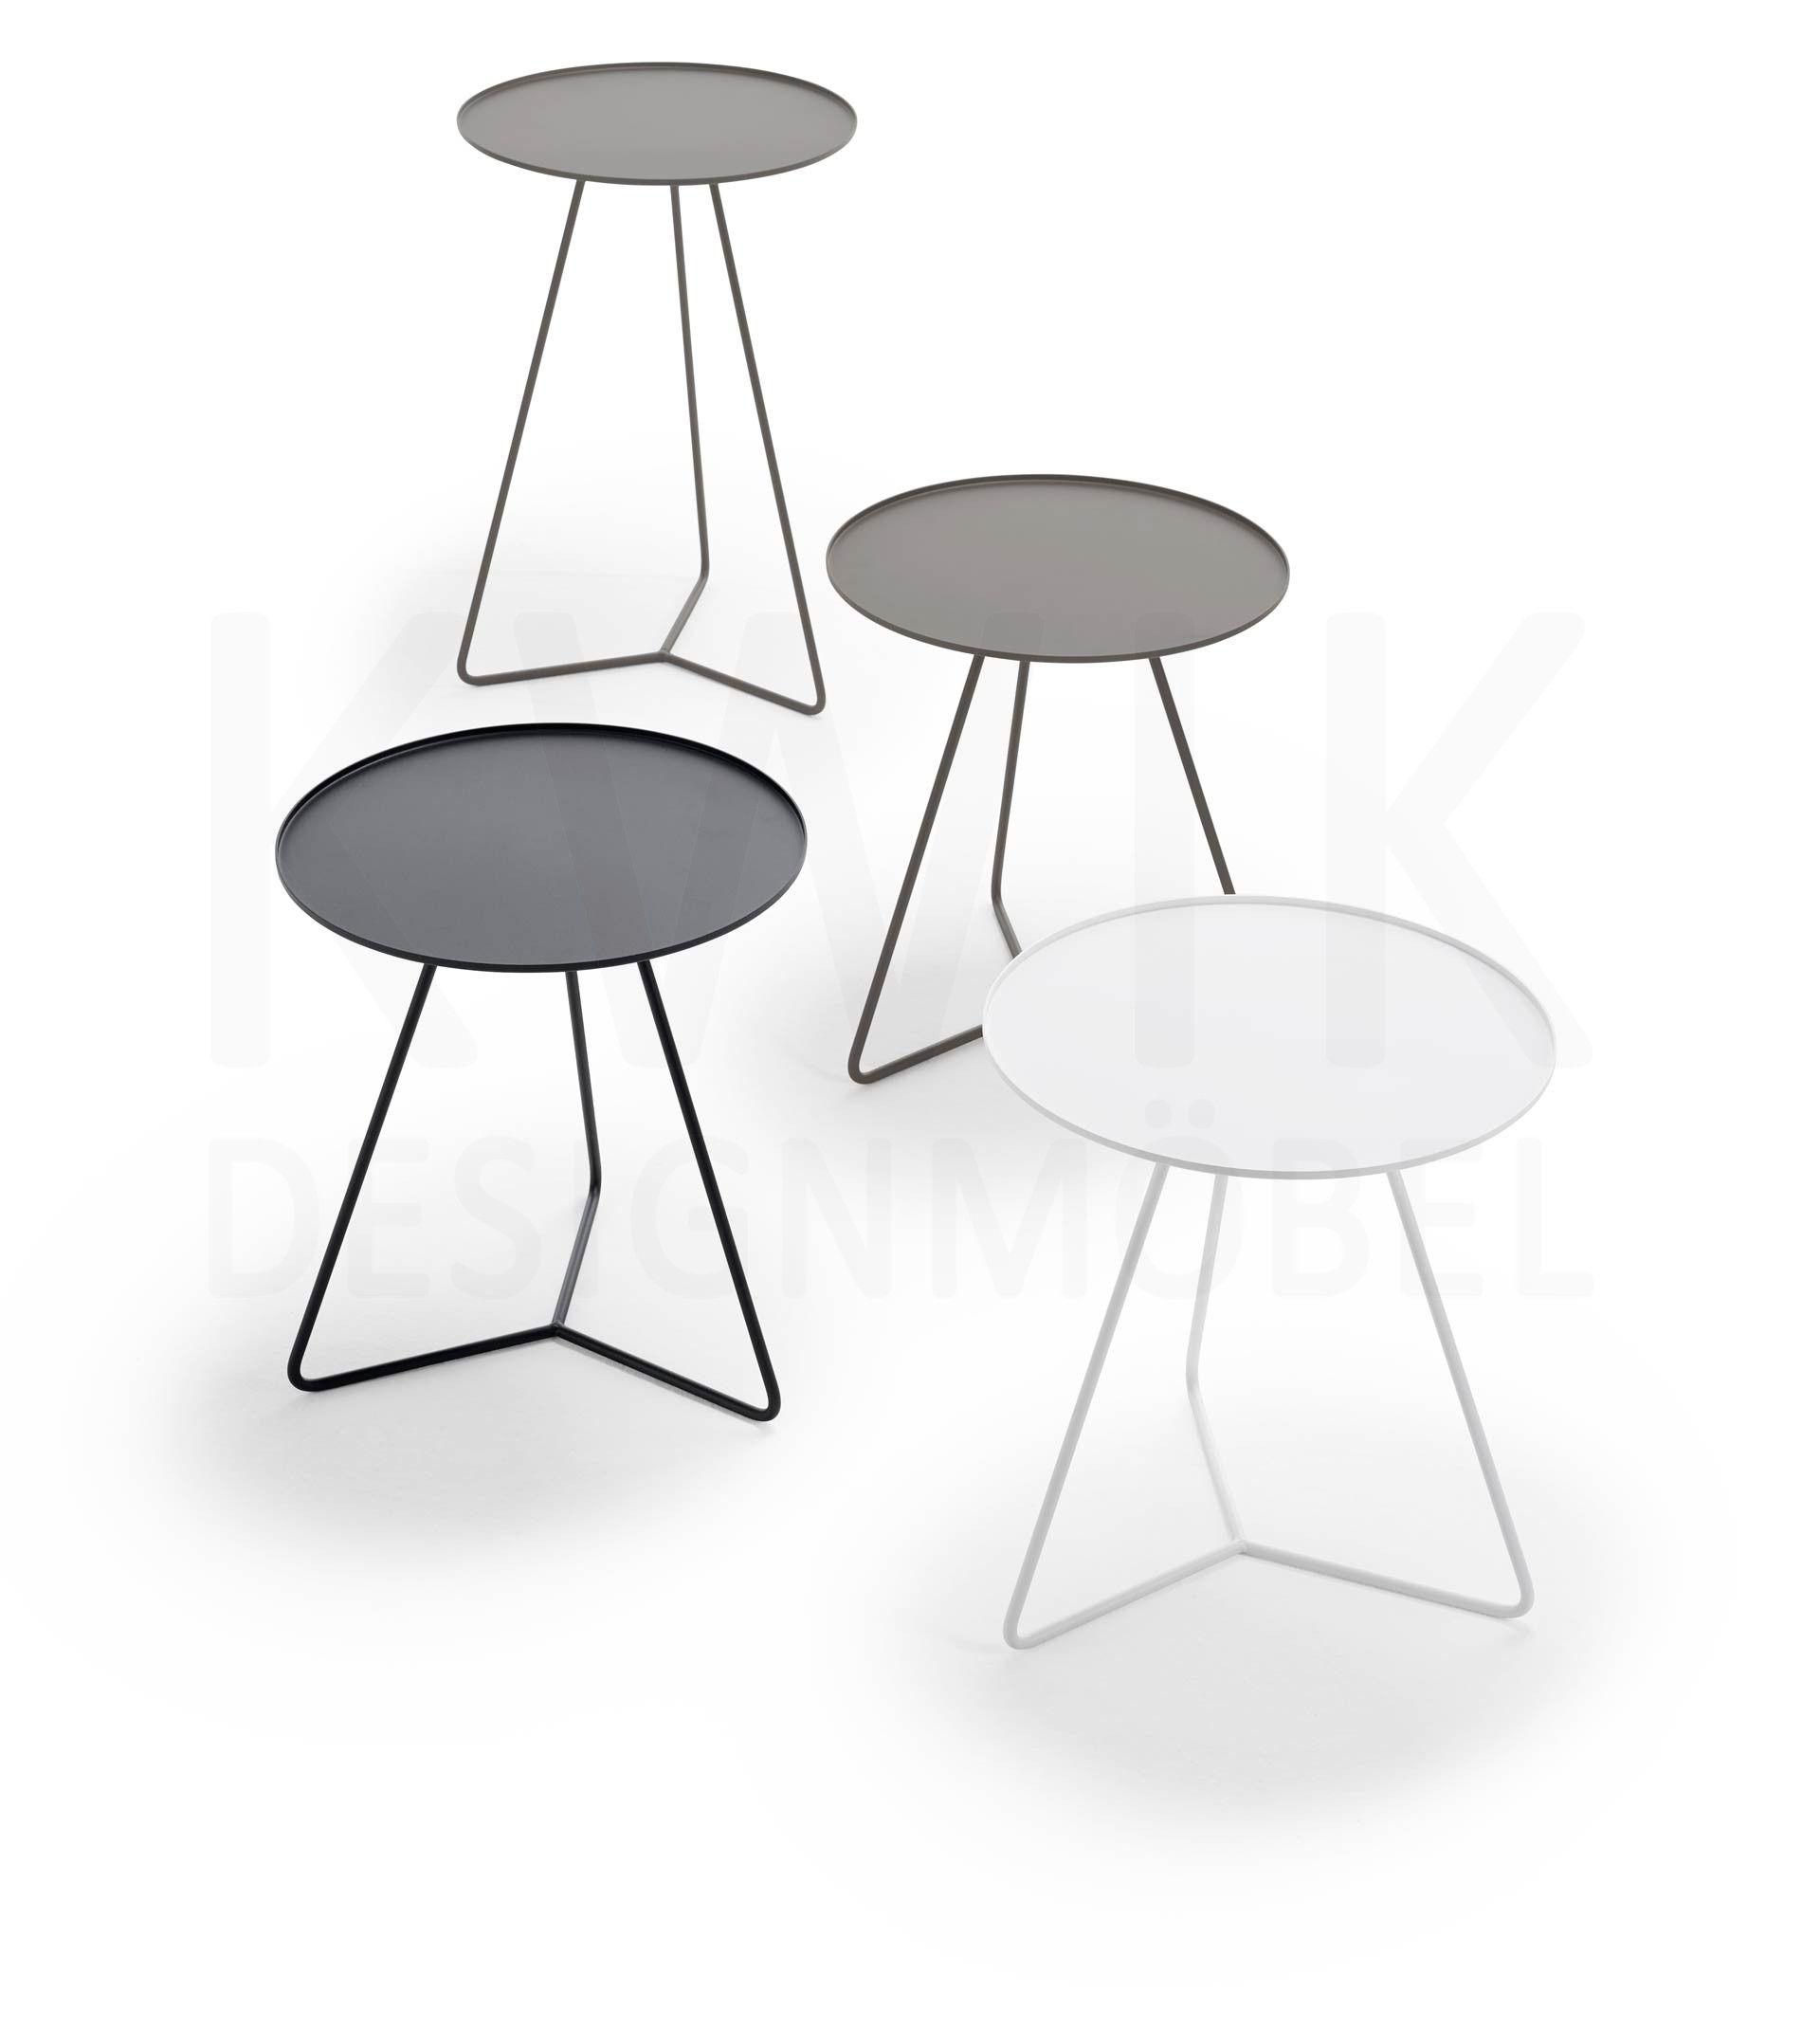 Steely Beistelltisch 40cm Beistelltisch Moller Design